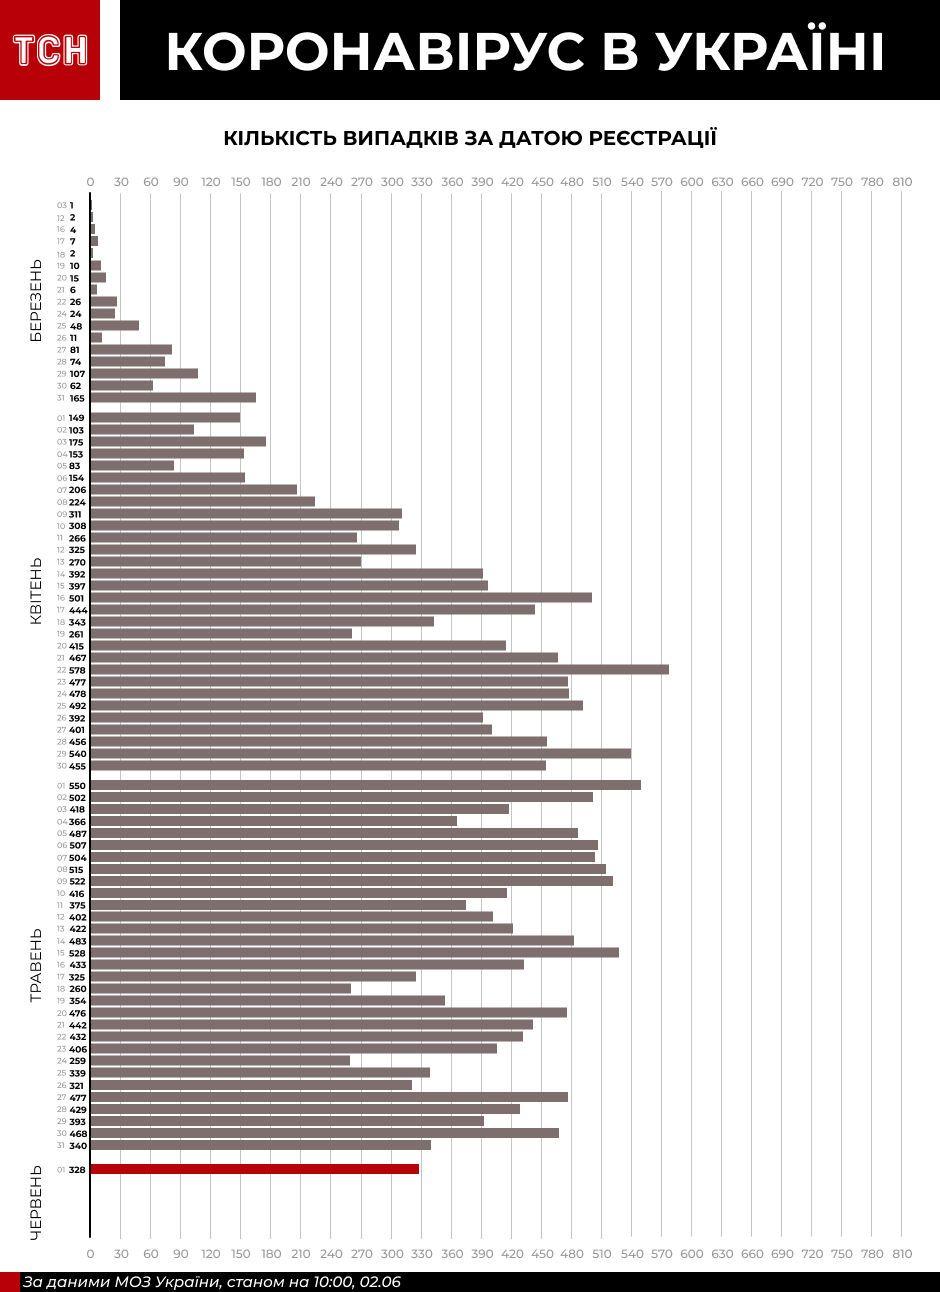 Коронавірус в Україні - інфографіка станом на 2 червня